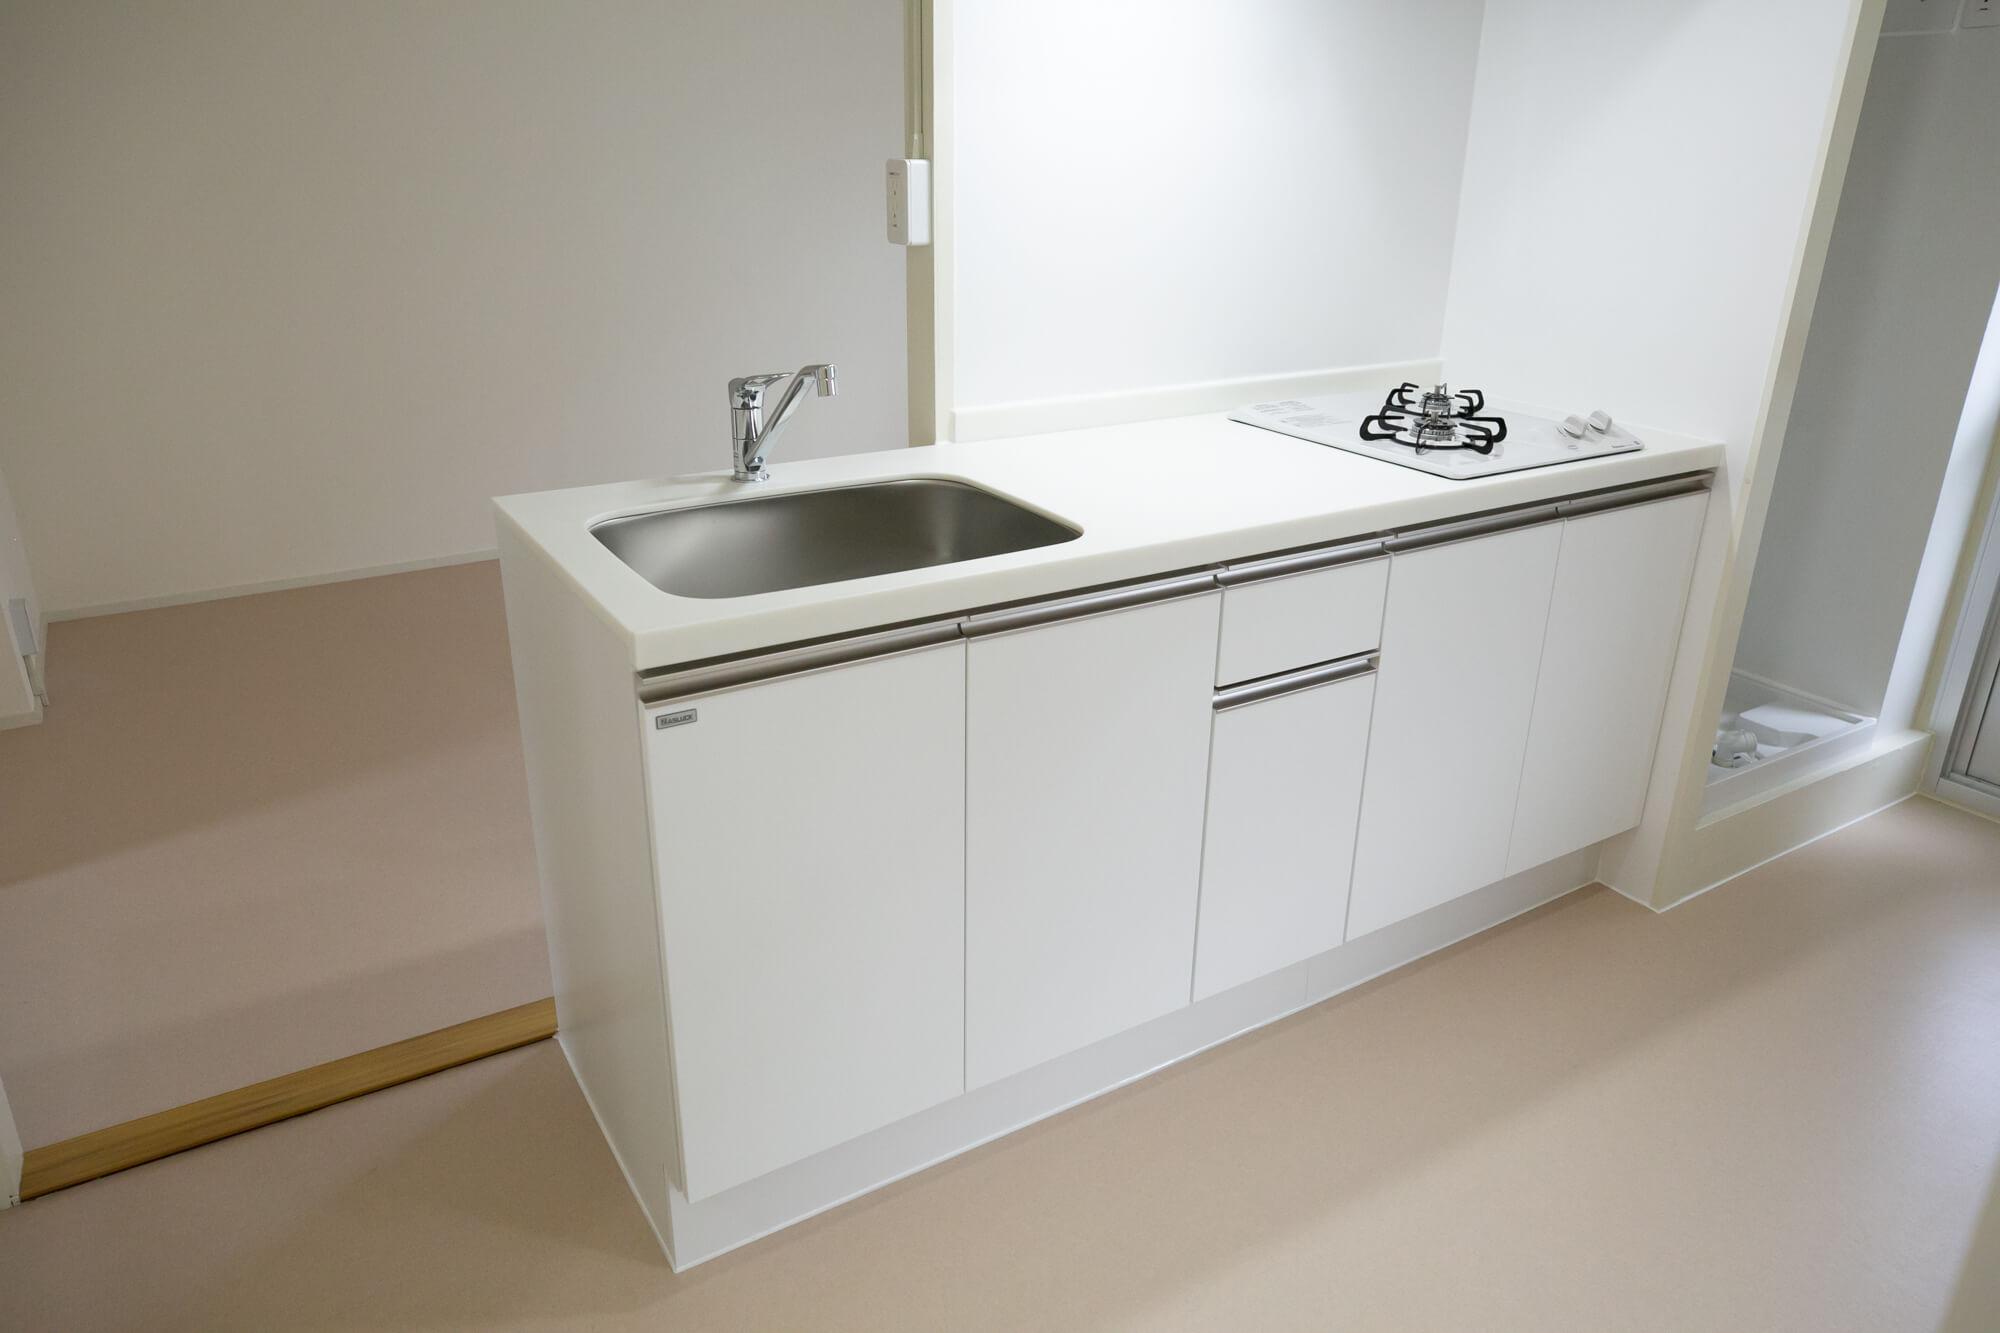 キッチンが真ん中にあるタイプのお部屋も(2DK / 45.49㎡ / 50,600円 / 共益費 1,750円)。白鷺団地のリノベルームのキッチンは、ガスコンロがビルトインで、天板も真っ白。掃除がしやすそうなところもポイントが高いと思いました。